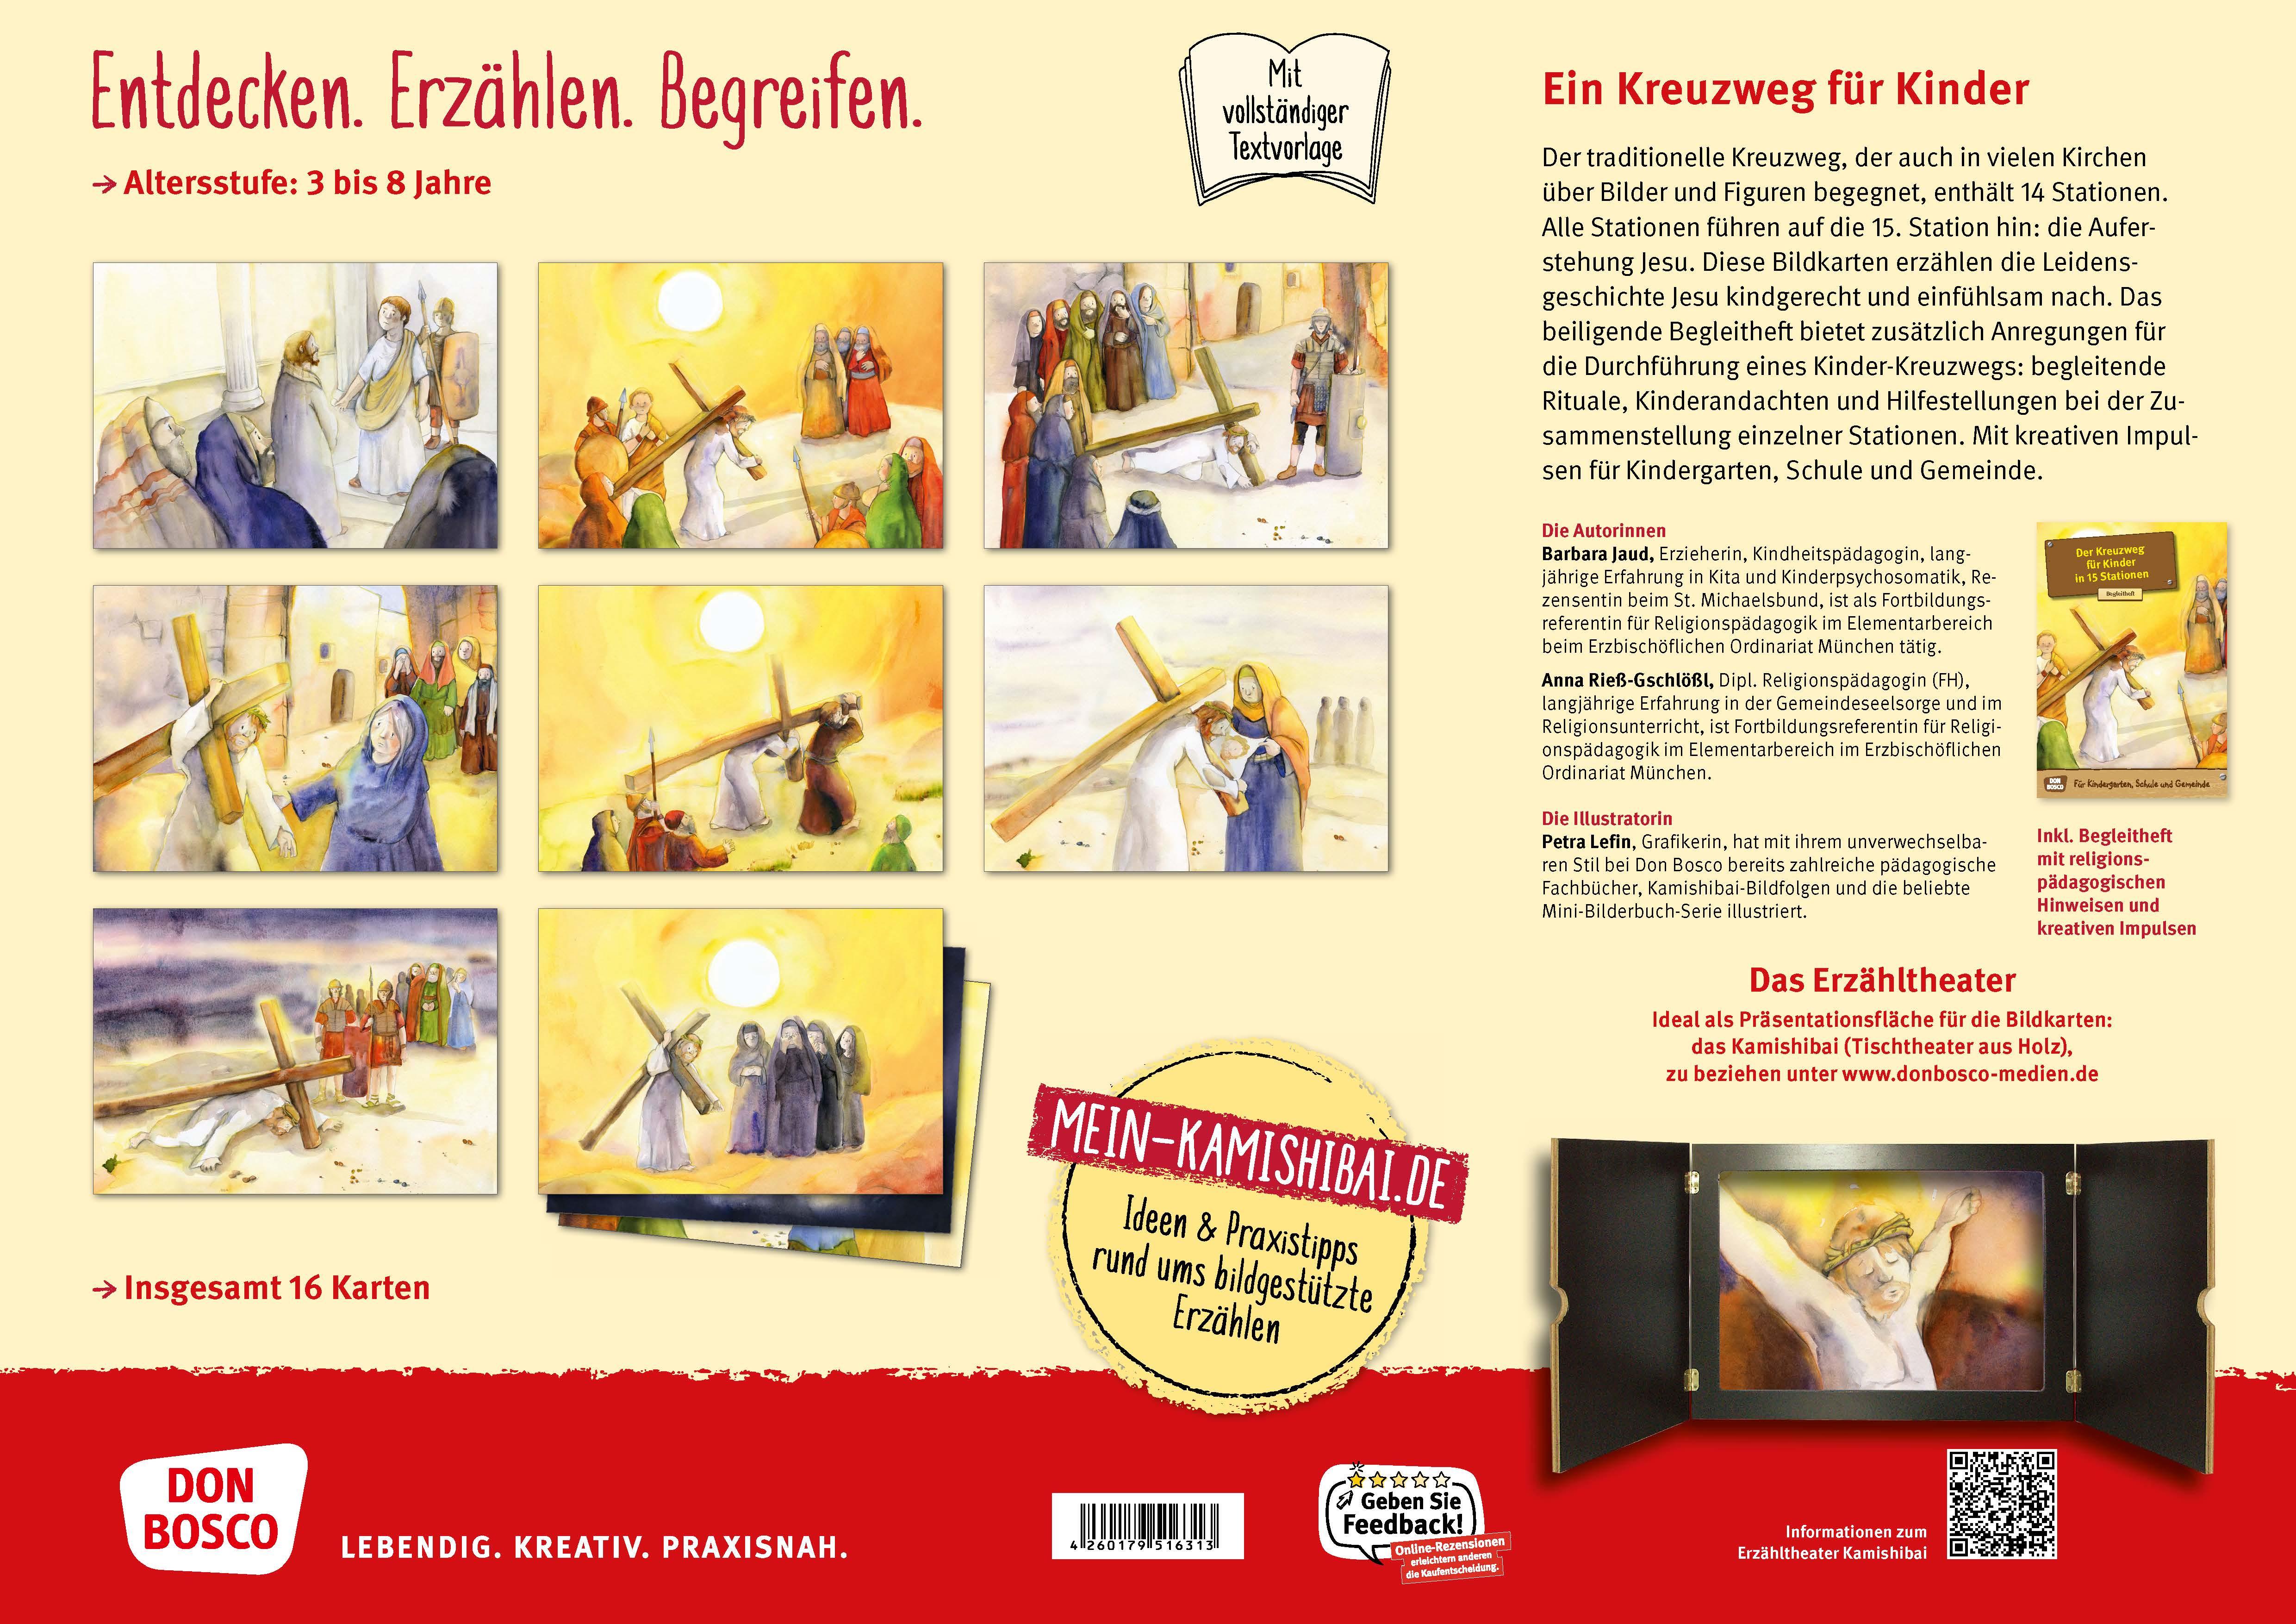 Innenansicht zu Der Kreuzweg für Kinder in 15 Stationen. eKami.